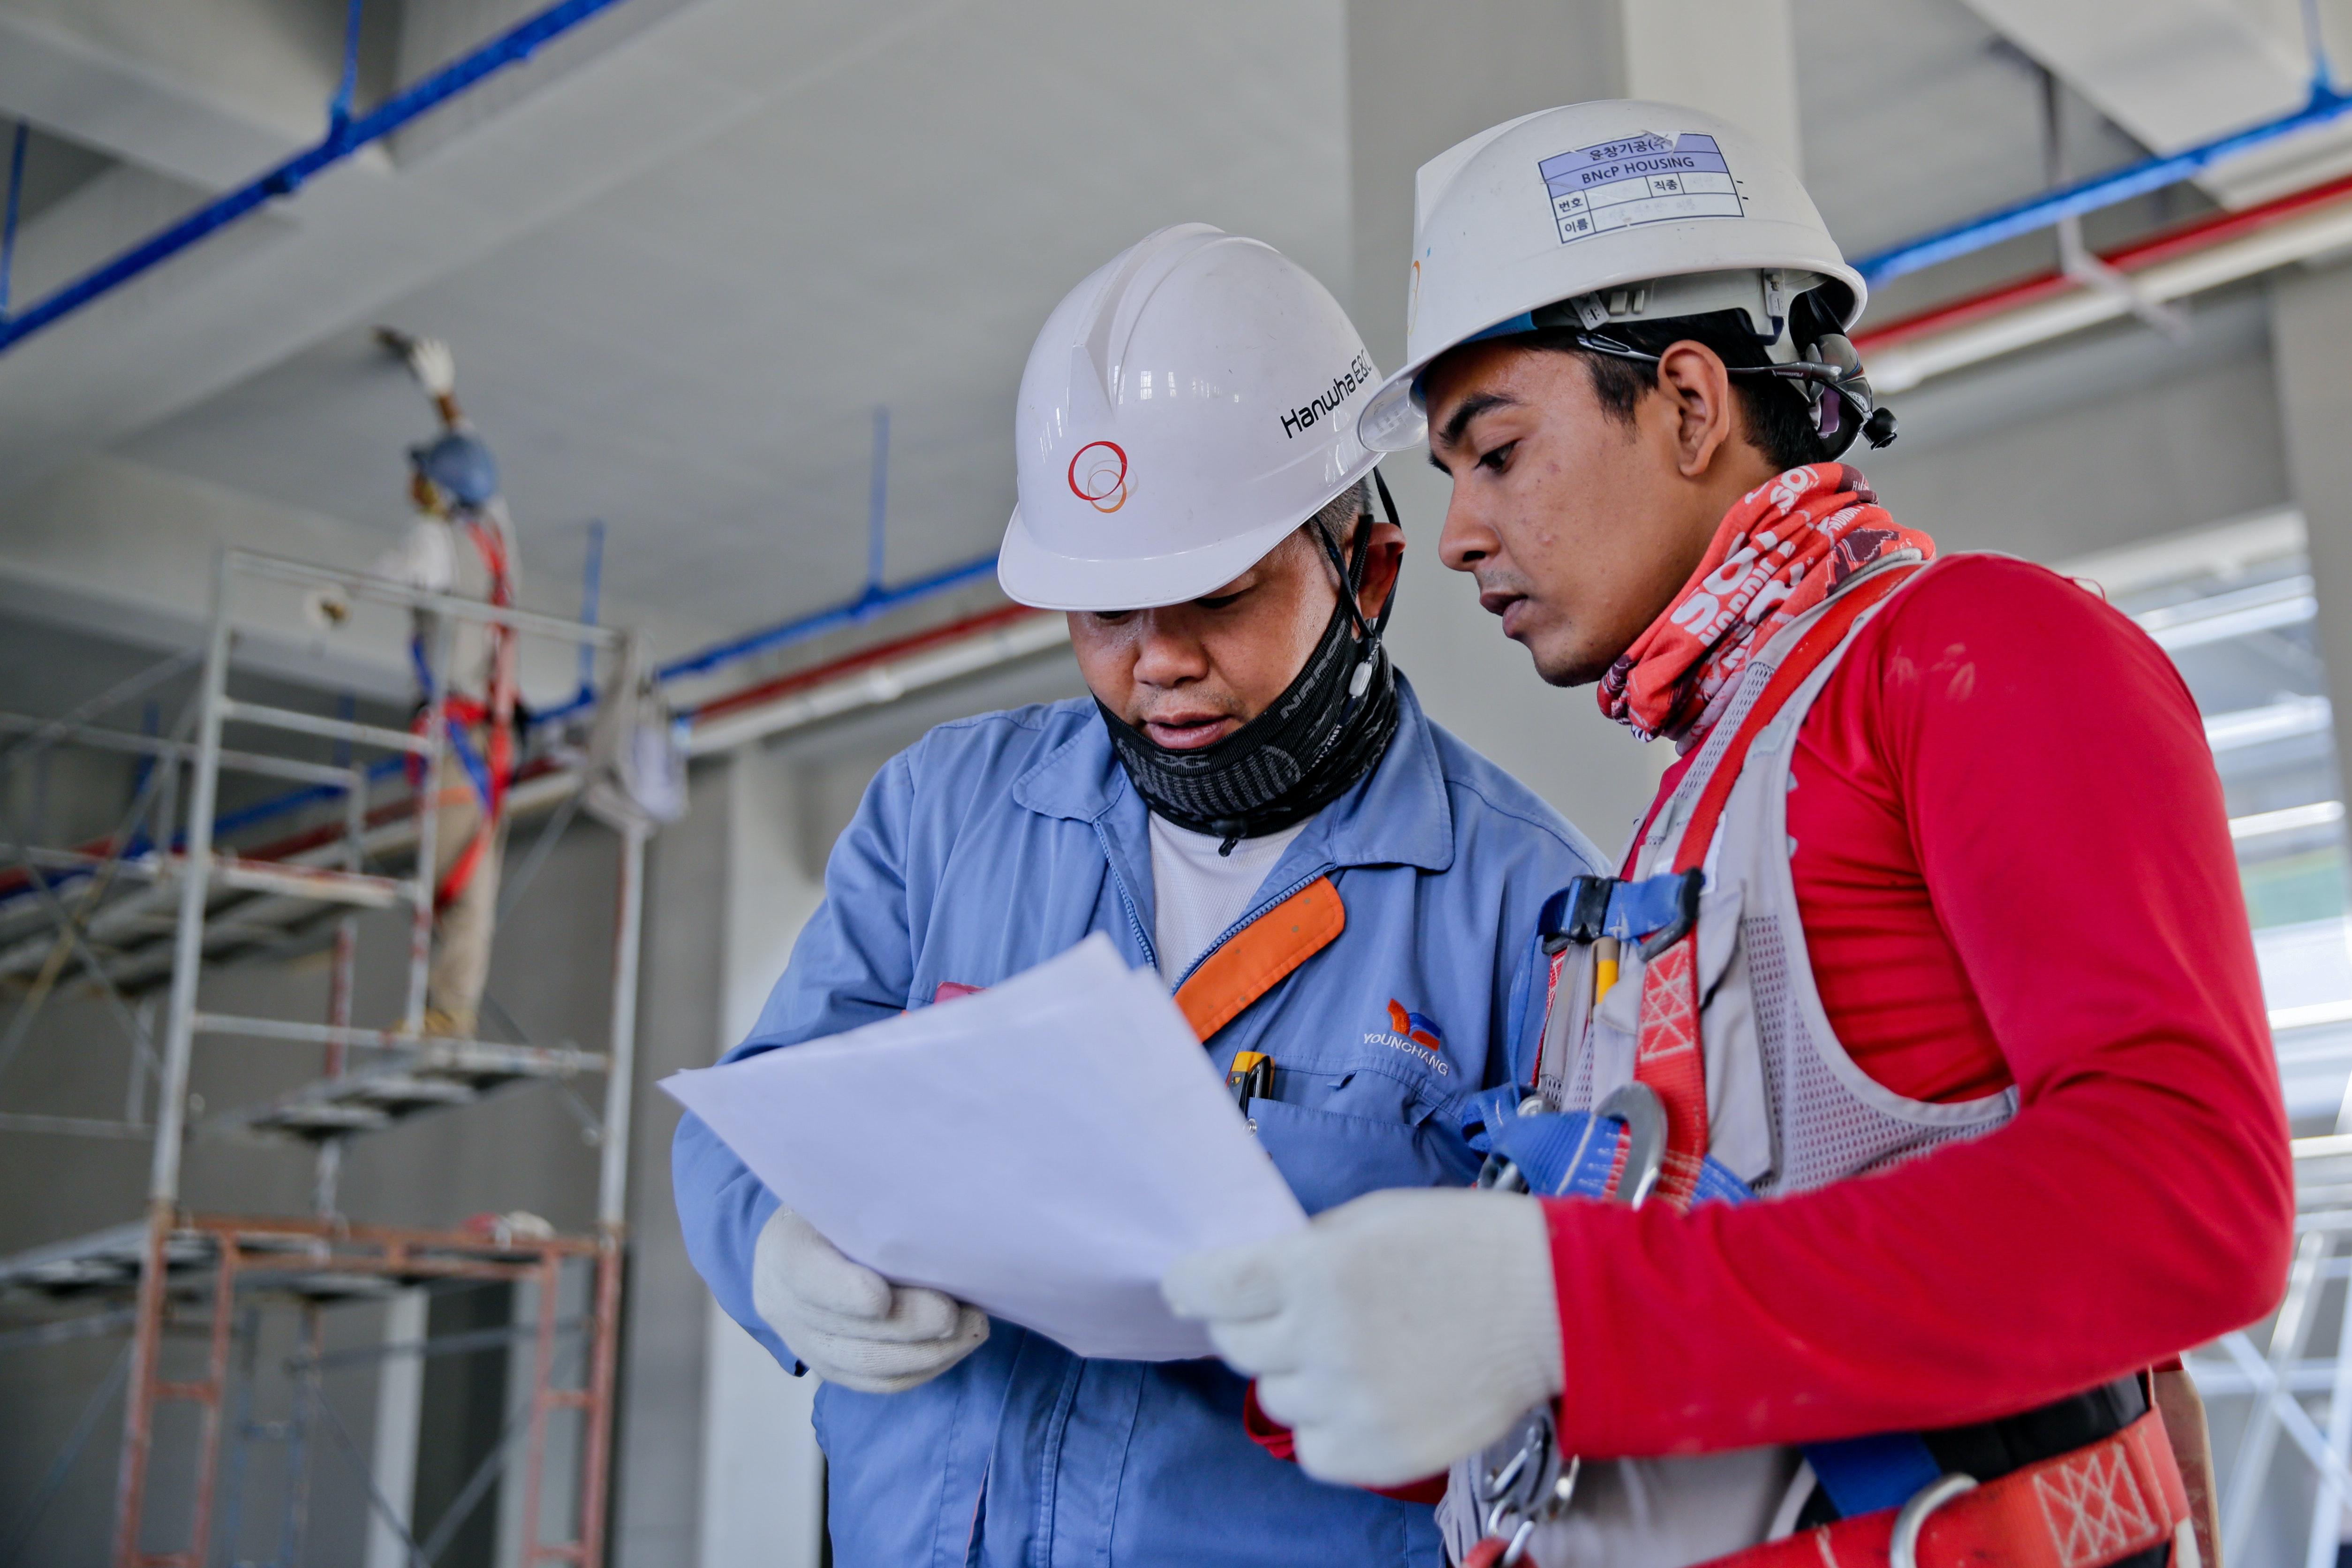 Een foto van werknemers die veilig werken met helmen